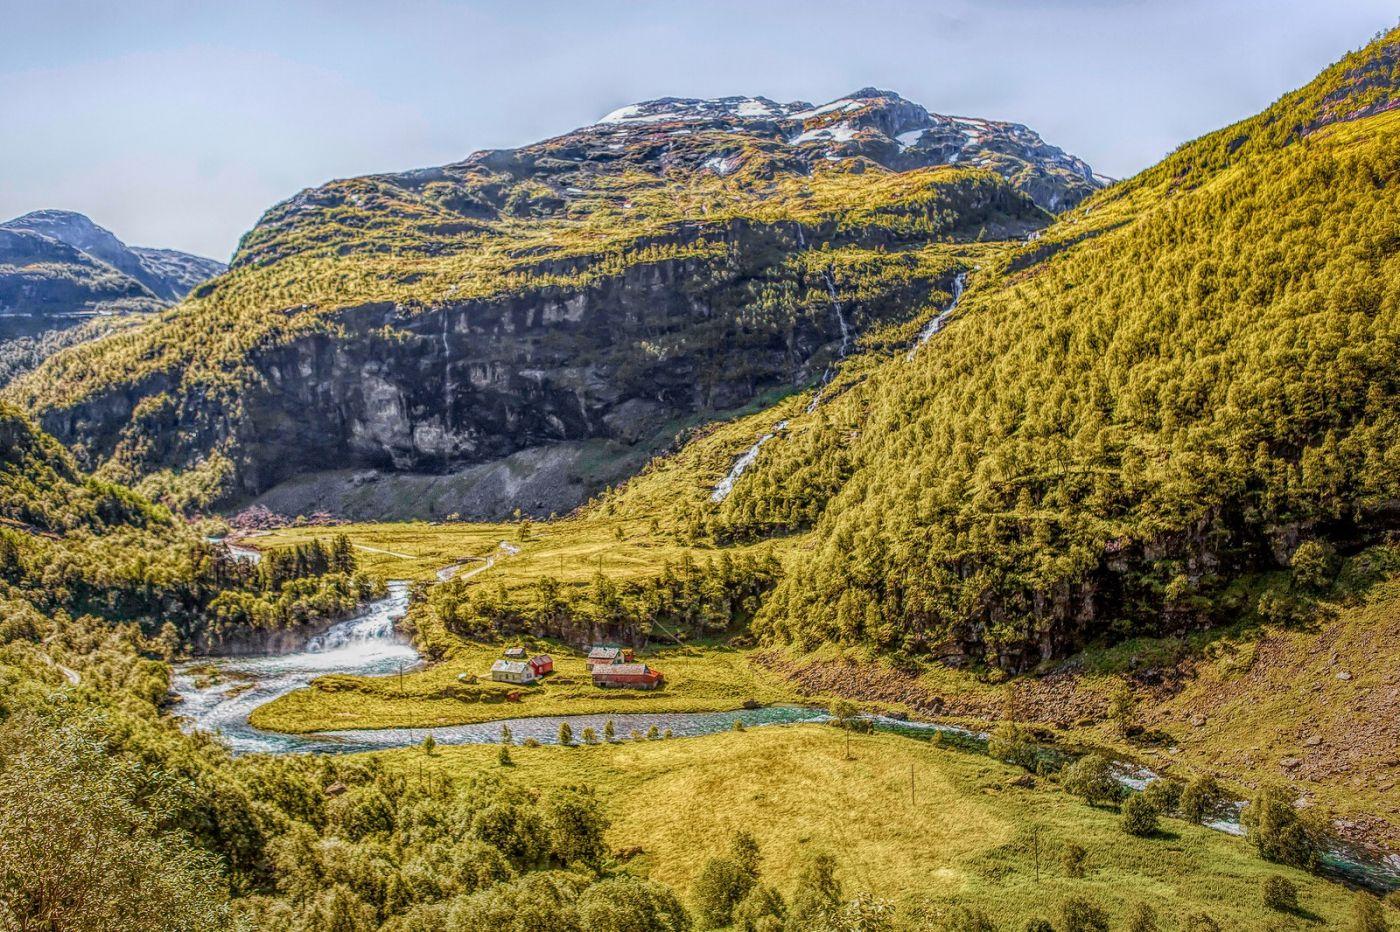 挪威弗拉姆铁路(Flam Railway),沿路的山水_图1-17